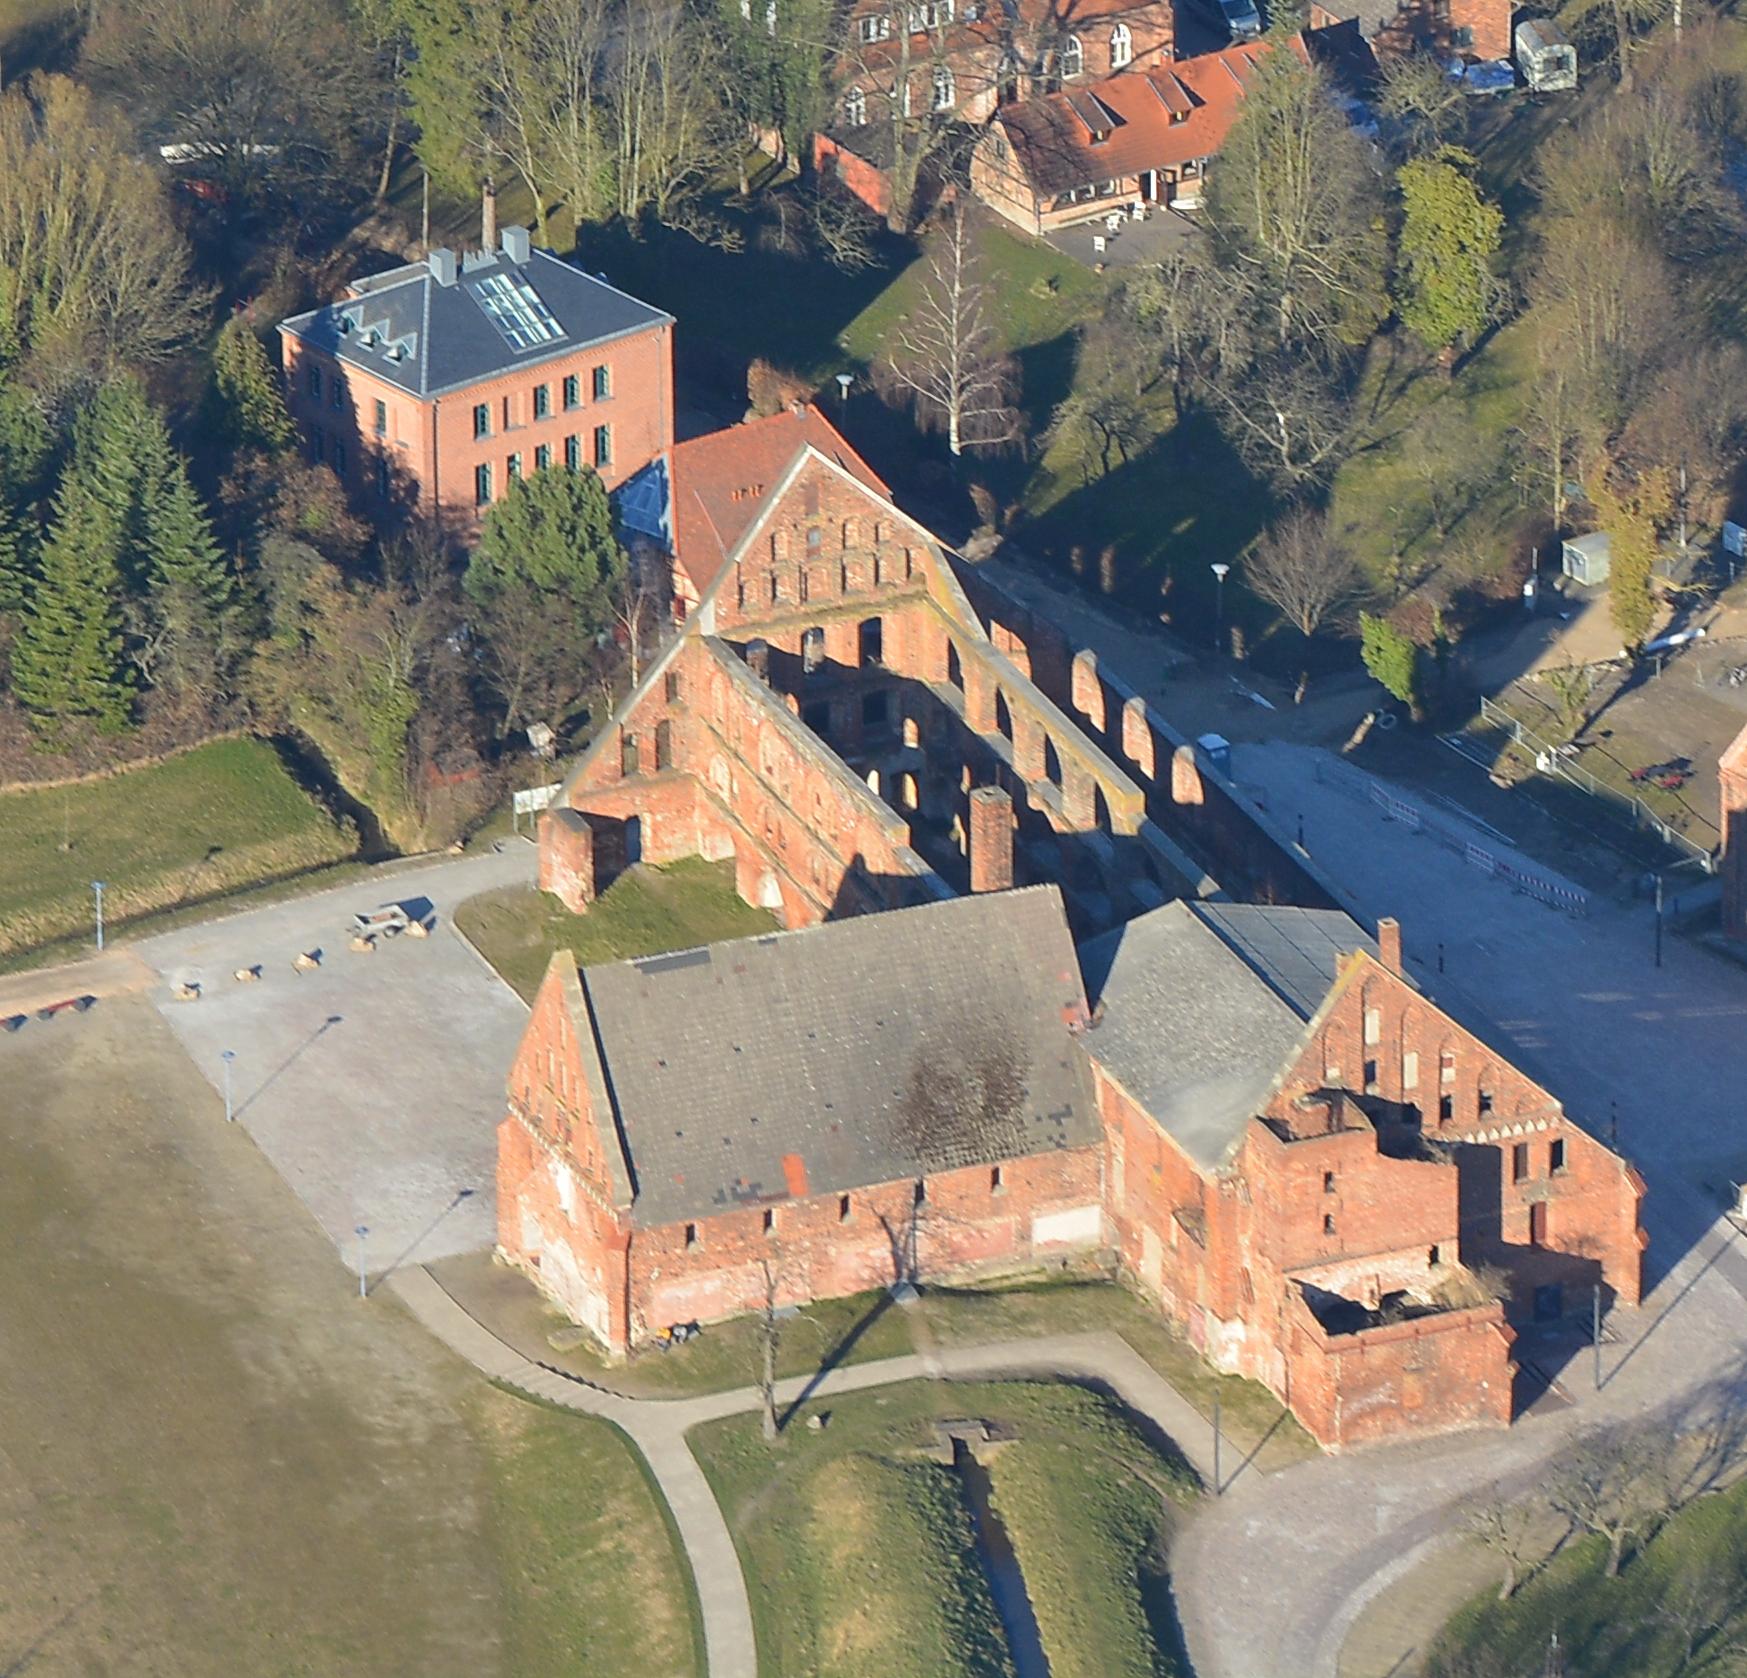 Luftbild Wirtschaftsgebäude Wassermühle Bad Doberan